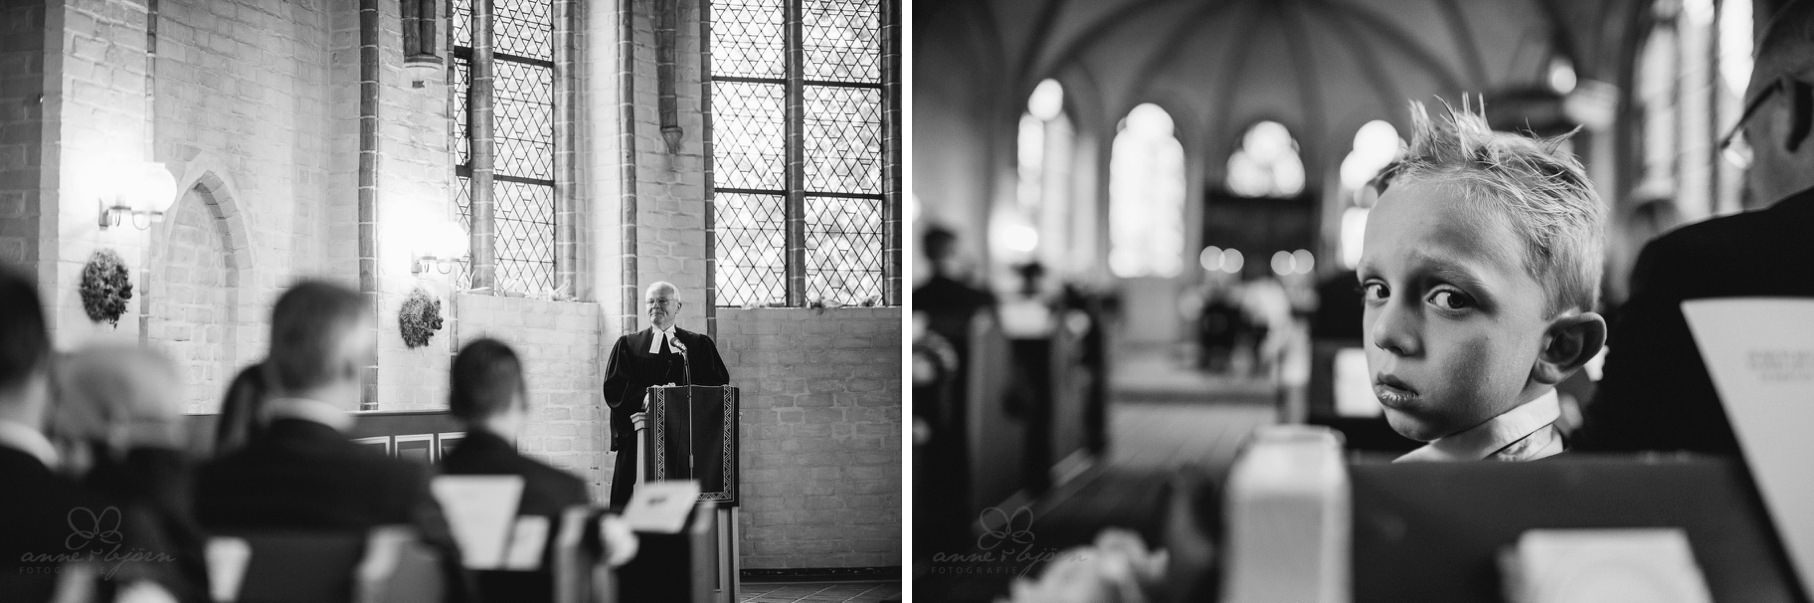 0052 aub 812 9431 - Hochzeit auf Gut Thansen - Anja & Björn